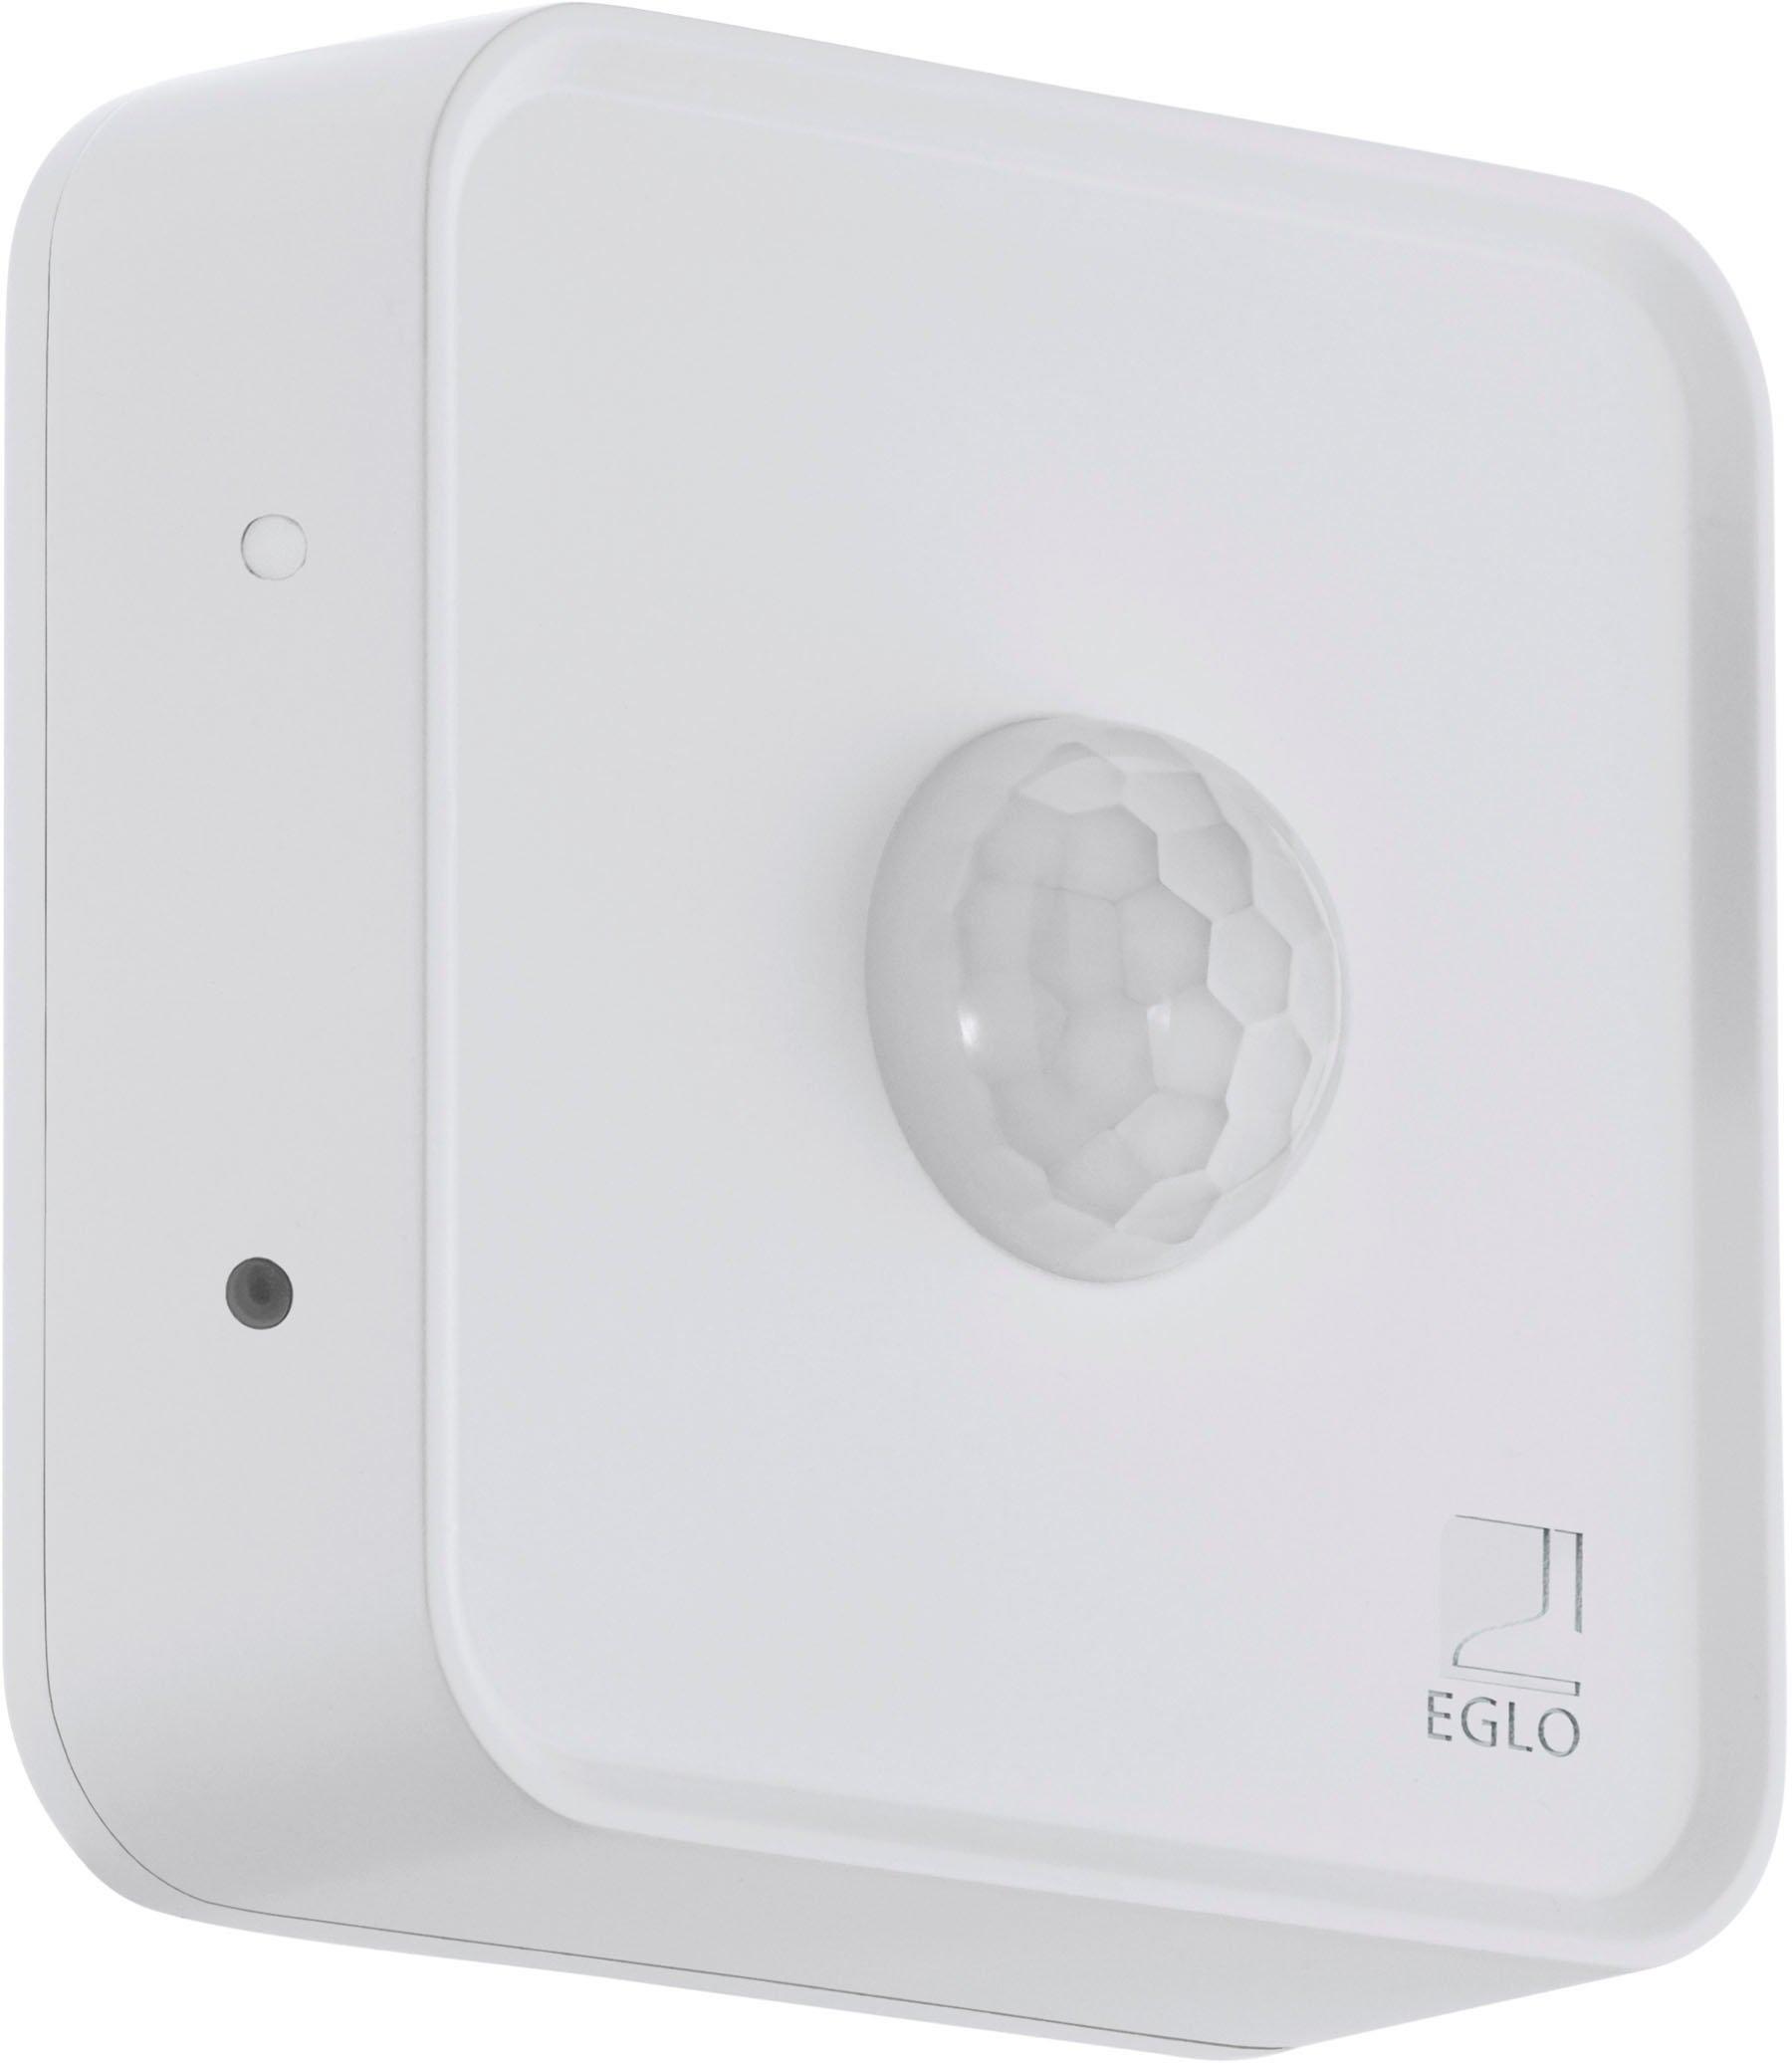 EGLO Bewegingsmelder CONNECT sensor Hoekmontage mogelijk, Bluetooth (1 stuk) voordelig en veilig online kopen